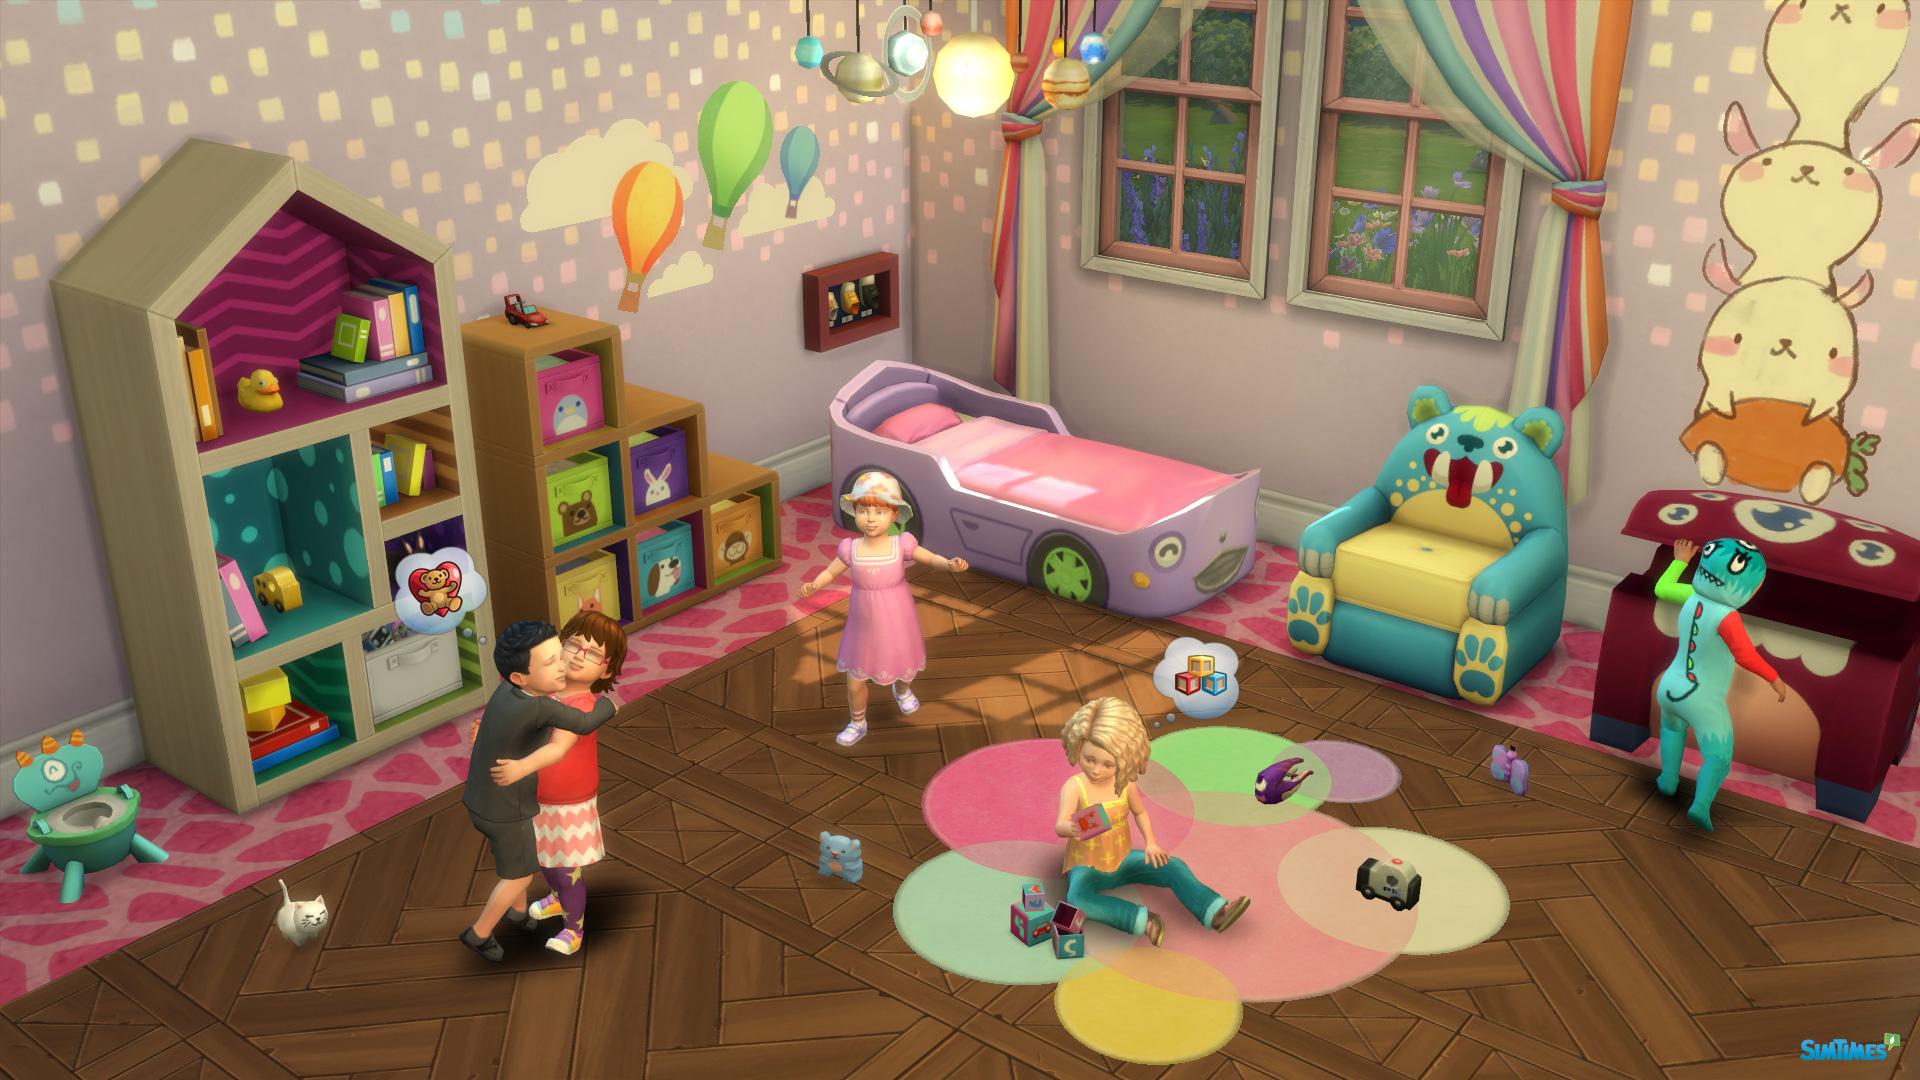 jetzt verfügbar: kleinkinder für die sims 4 - alle infos & interview, Badezimmer ideen